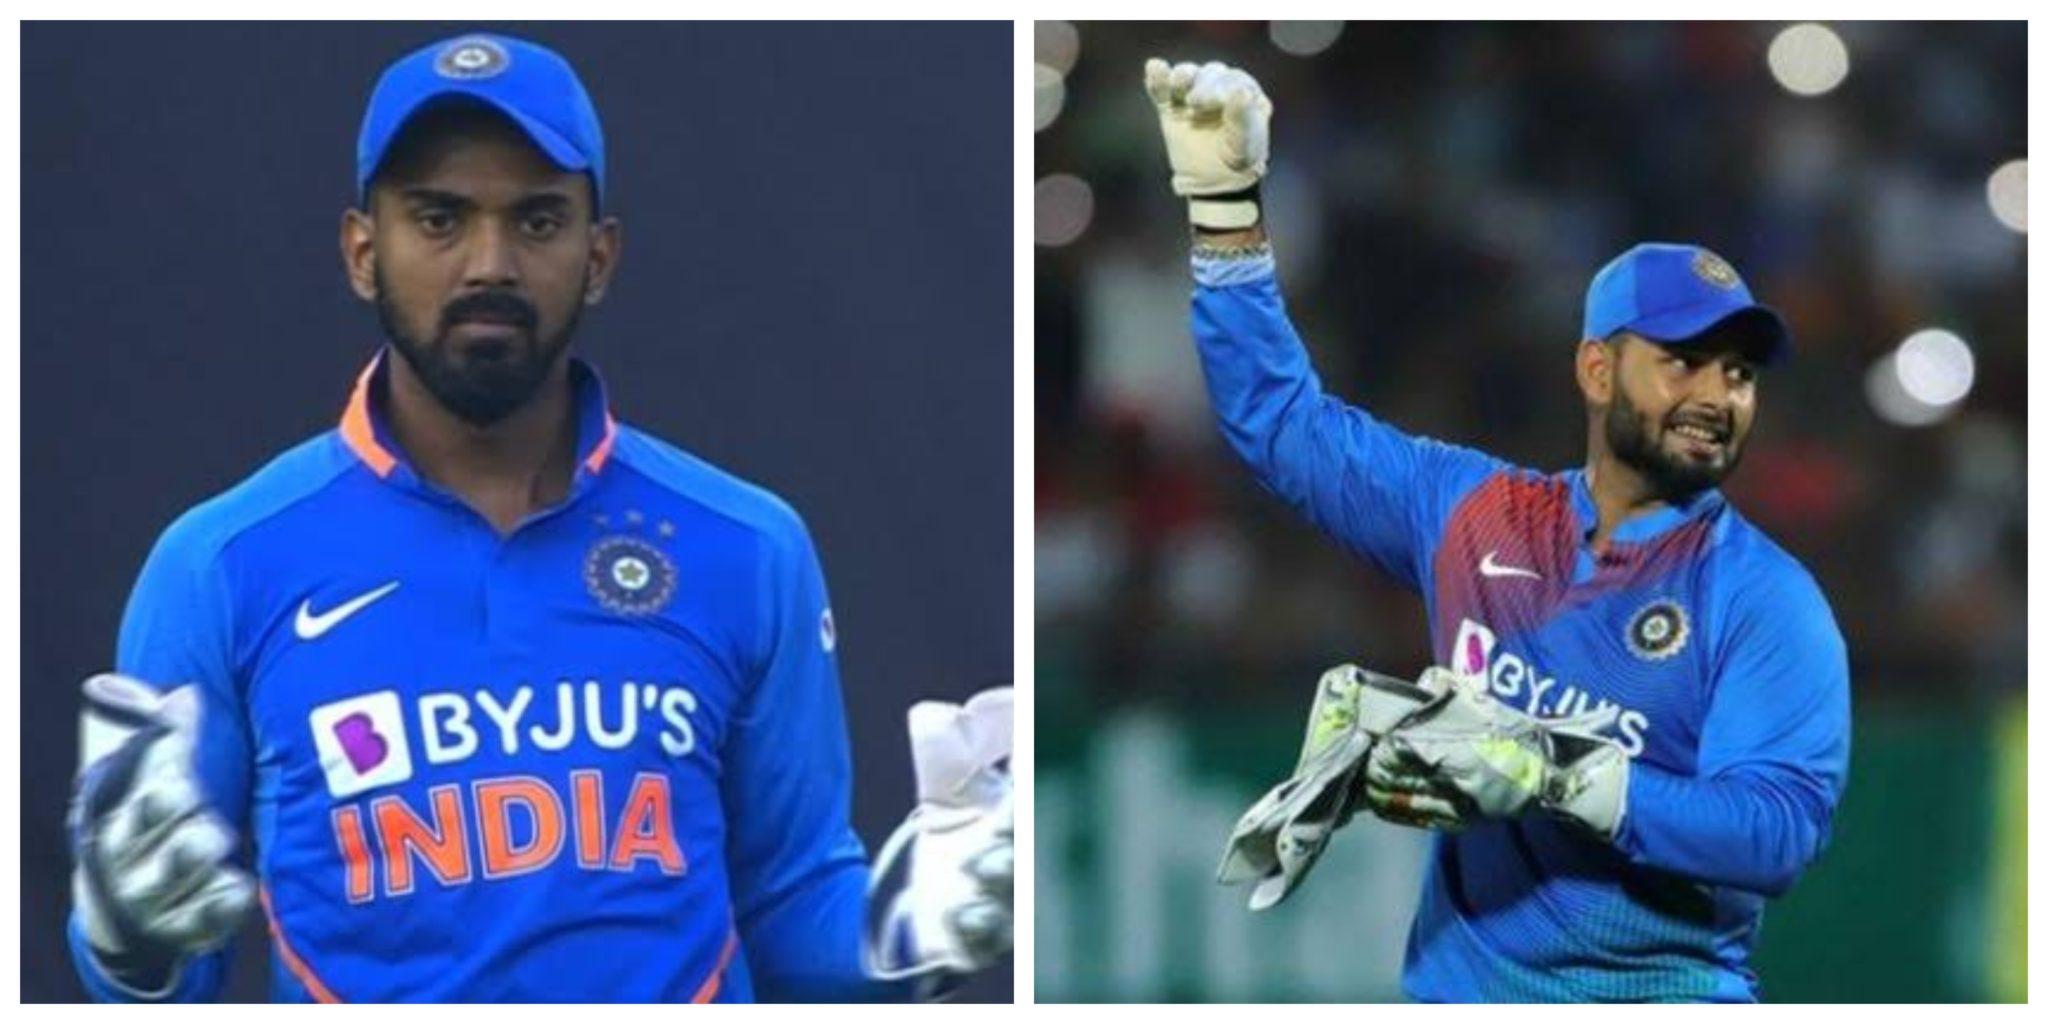 भारतीय के लिए टी20 क्रिकेट में केएल राहुल और ऋषभ पंत में से बेहतर विकेटकीपर बल्लेबाज कौन? आंकड़े दे रहे हैं गवाही 2